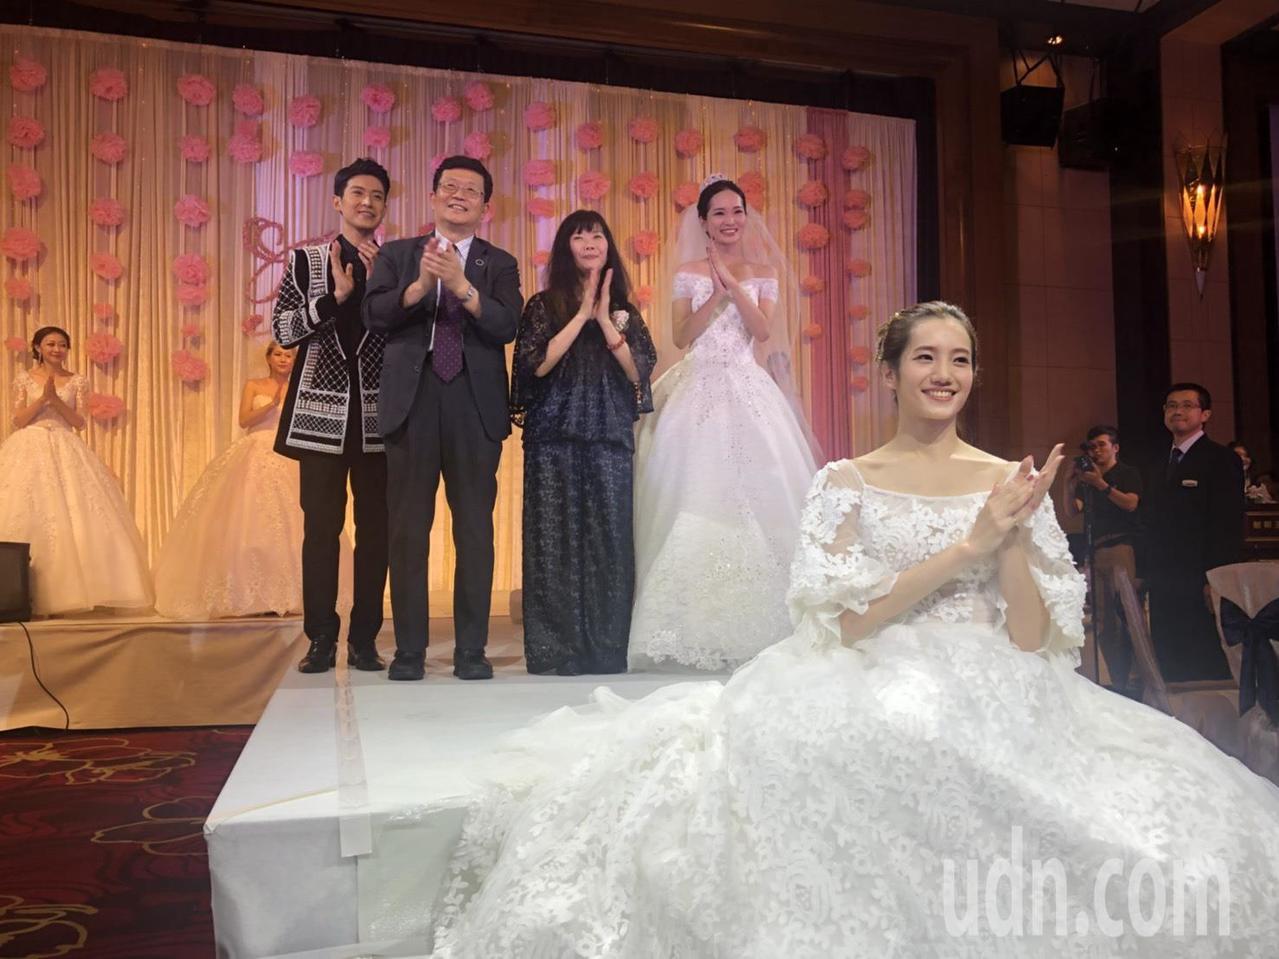 知名秀導吳亮儀策畫的婚紗秀結合法國台北、布蕾可絲兩家精品婚紗,一家走優雅奢華路線...